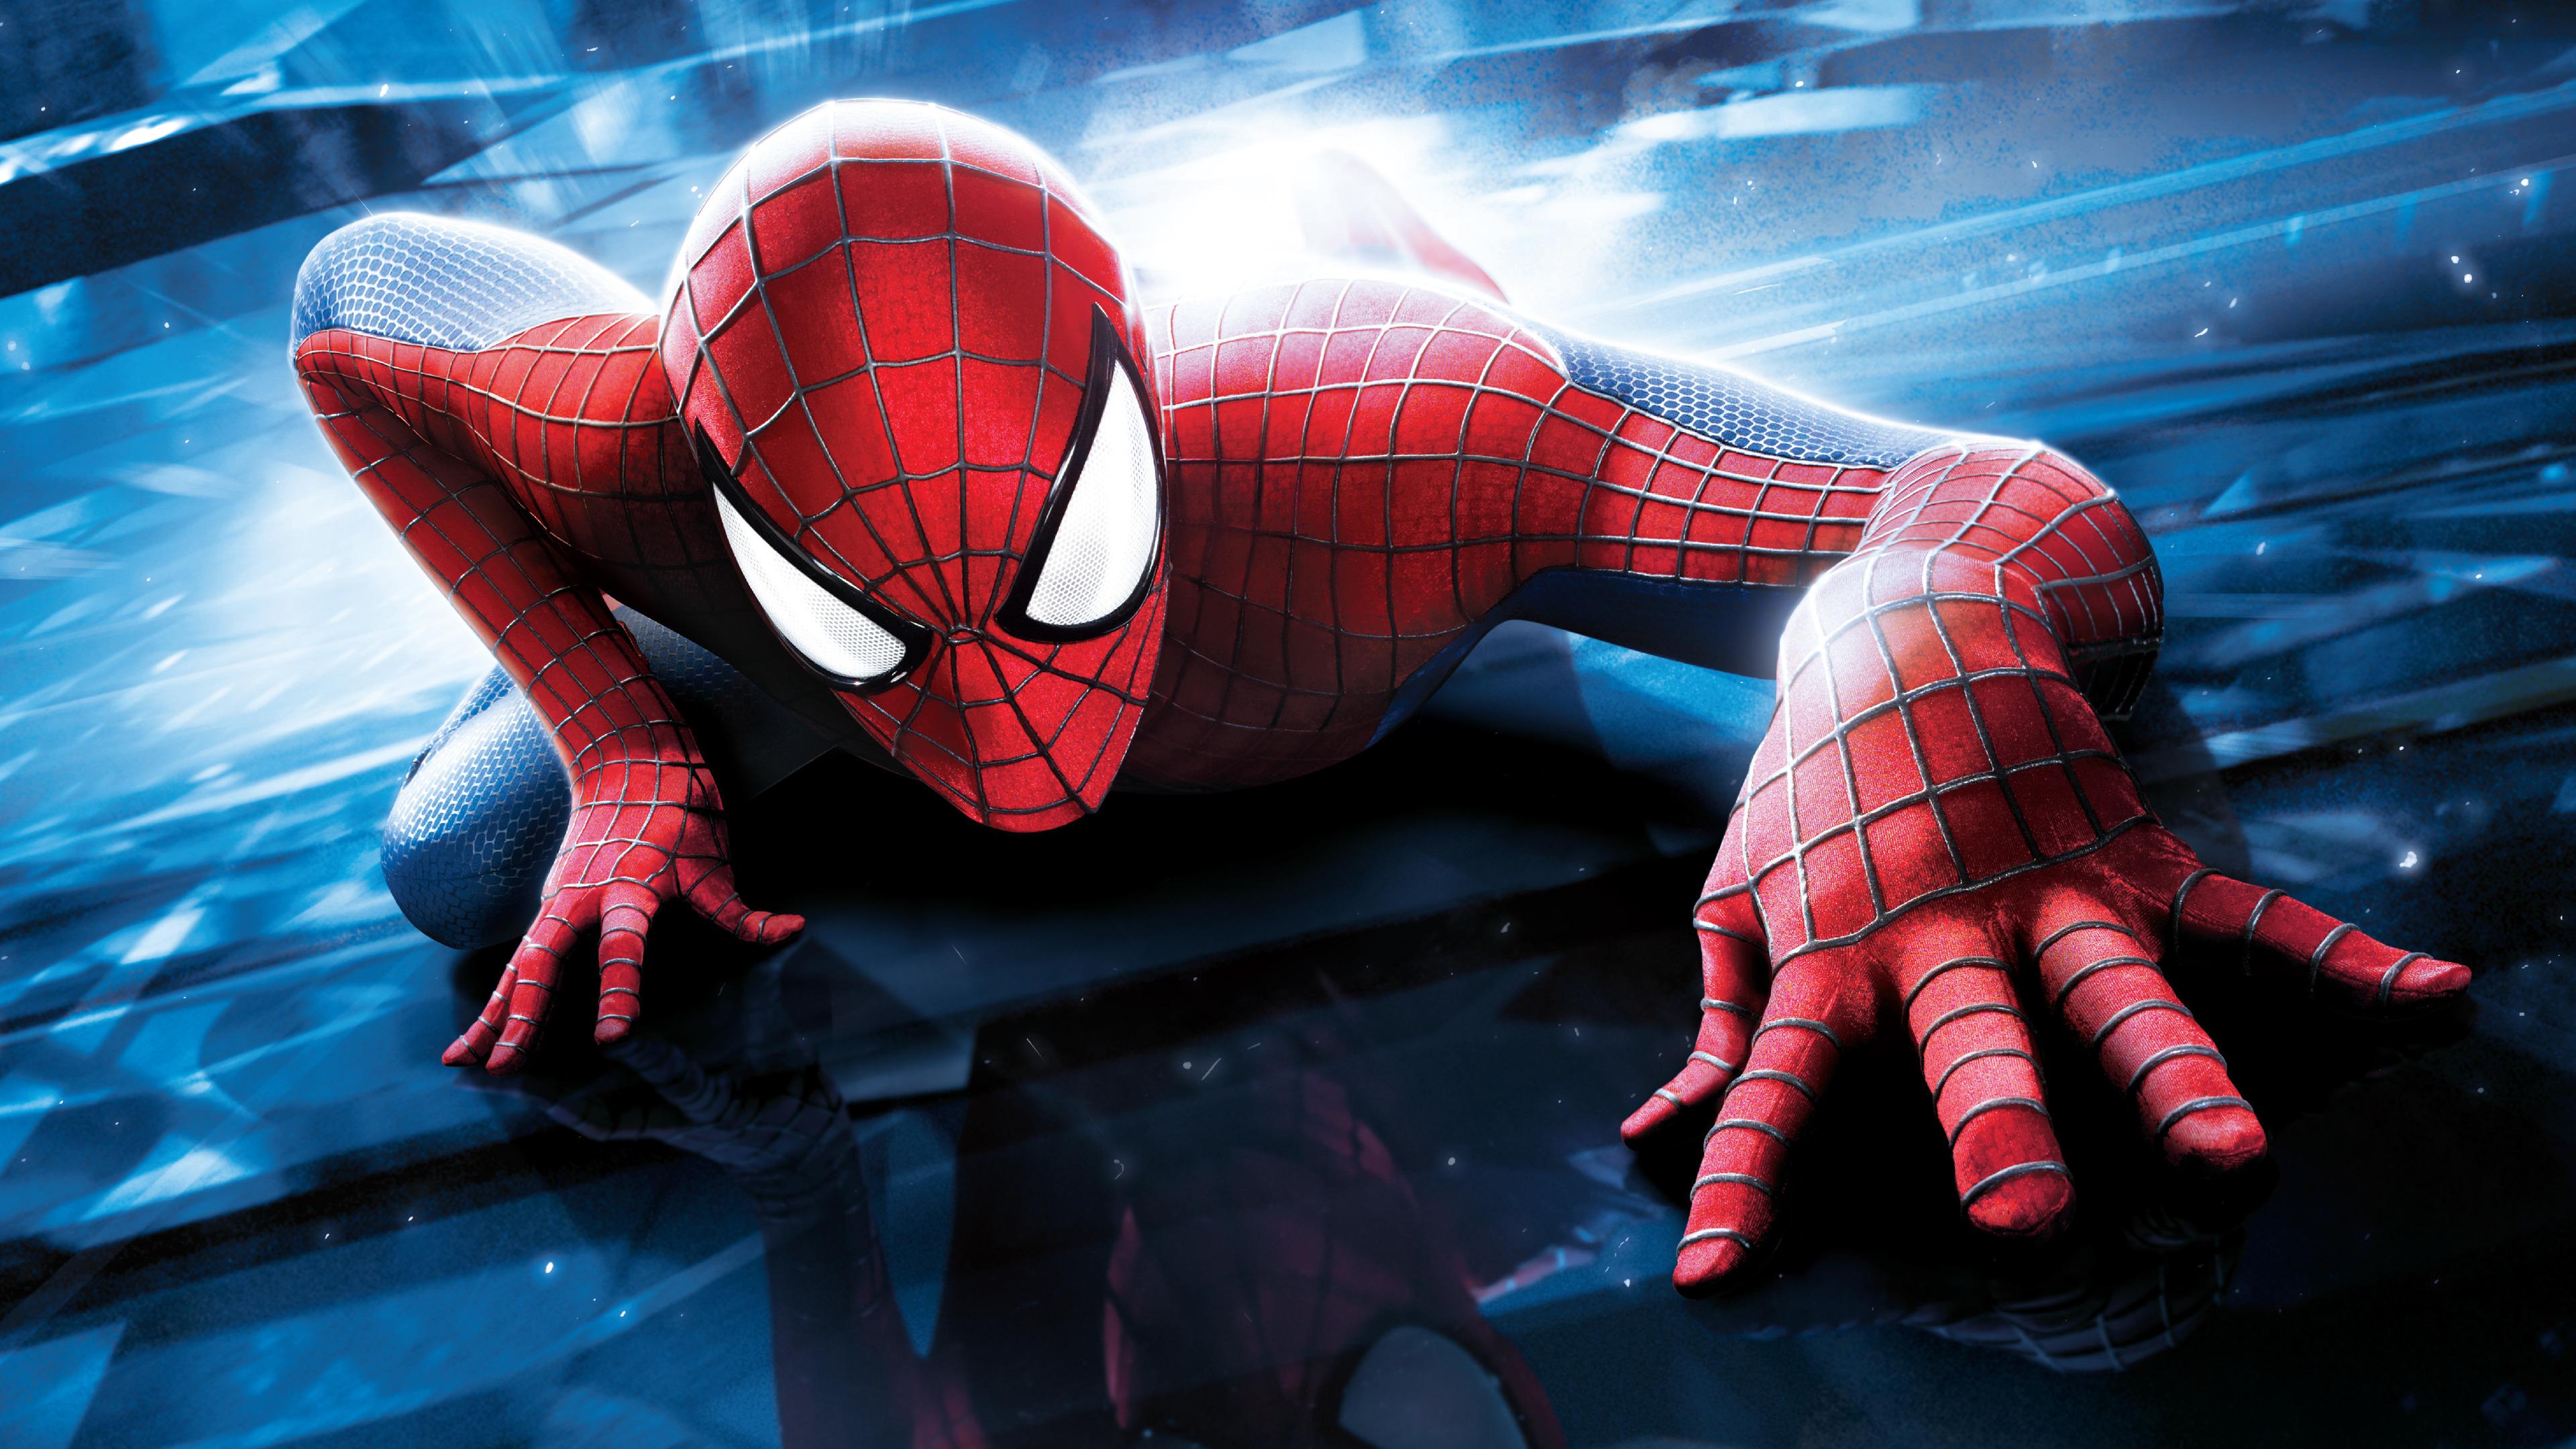 spiderman 4k 2019 1556184863 - Spiderman 4k 2019 - superheroes wallpapers, spiderman wallpapers, hd-wallpapers, 5k wallpapers, 4k-wallpapers